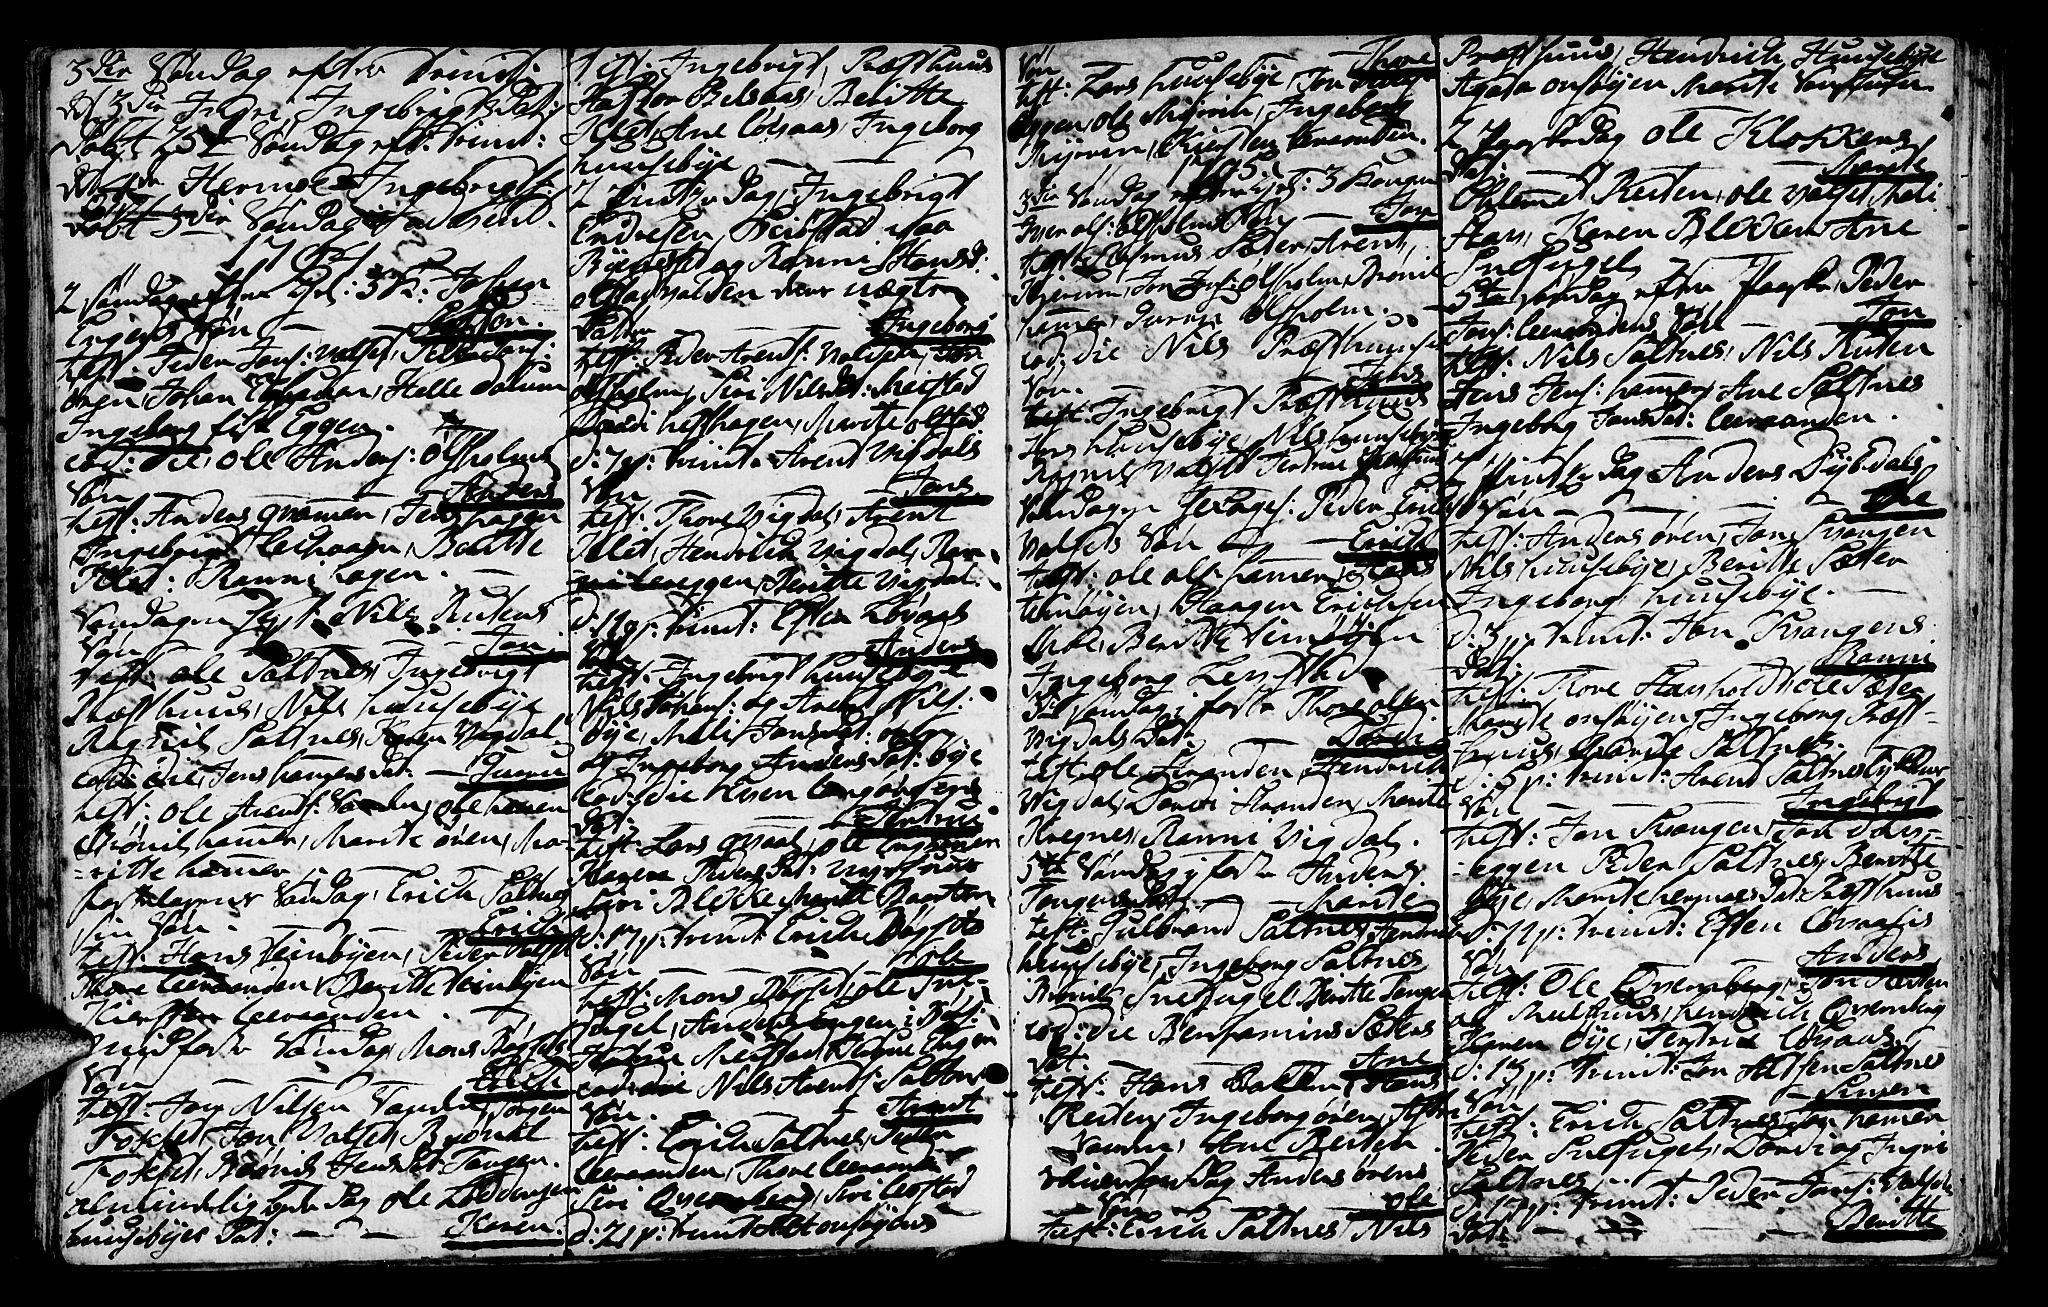 SAT, Ministerialprotokoller, klokkerbøker og fødselsregistre - Sør-Trøndelag, 666/L0784: Ministerialbok nr. 666A02, 1754-1802, s. 87